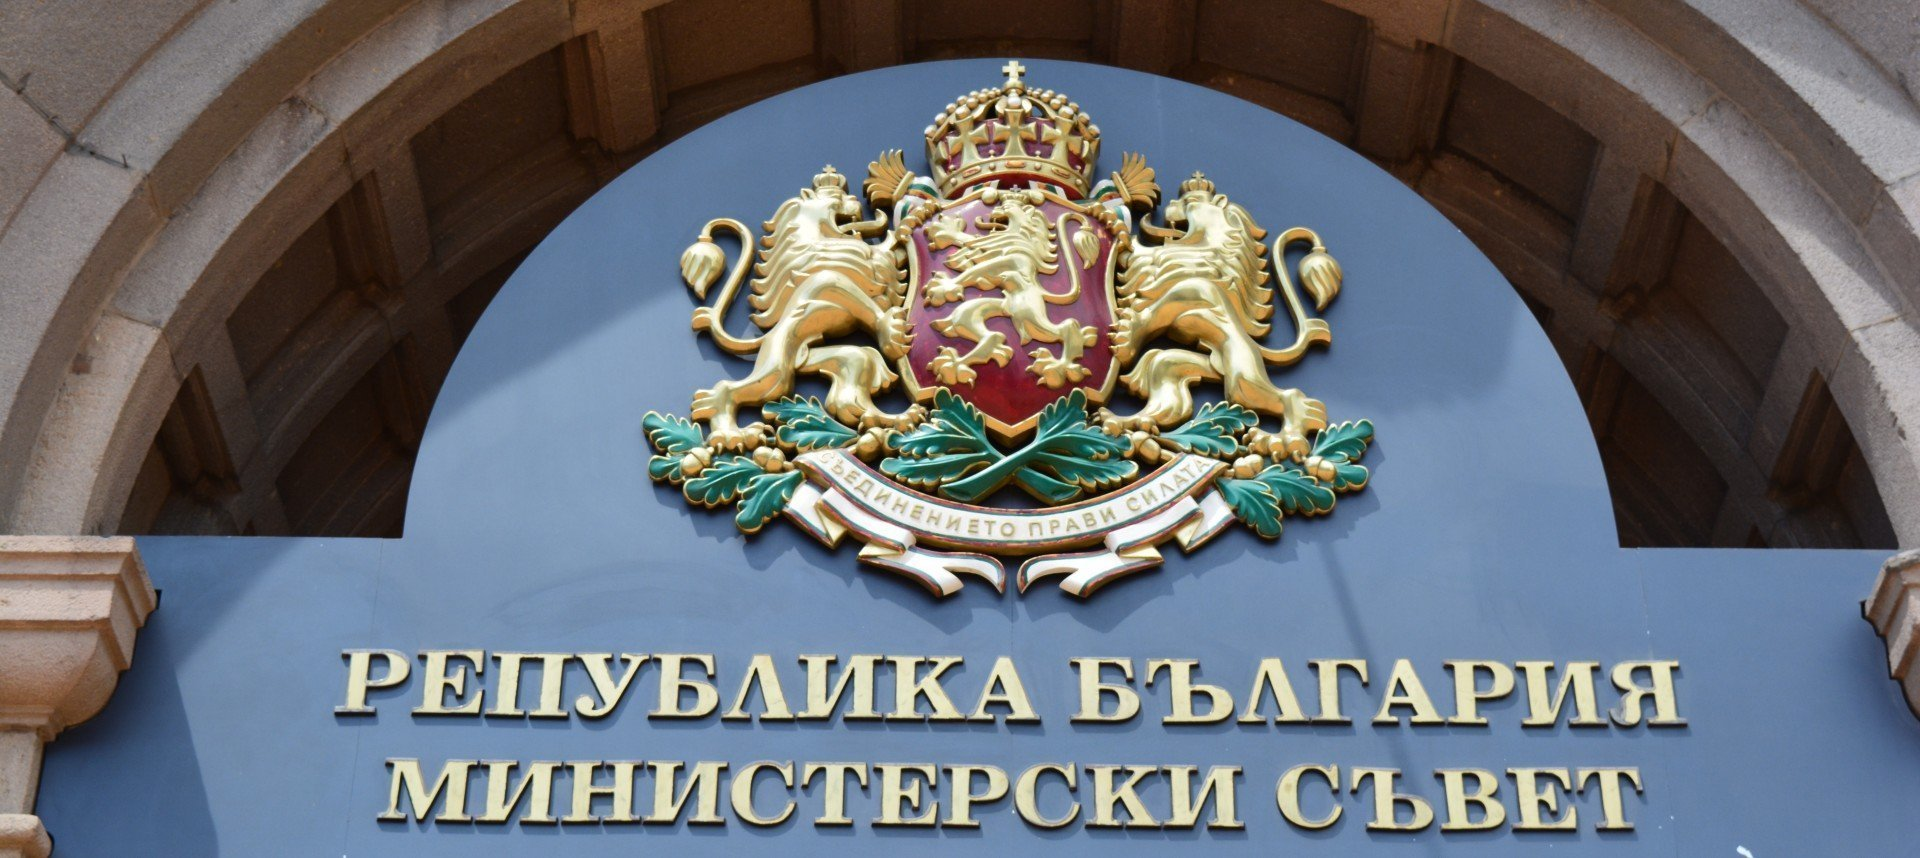 Средствата ще бъдат отпуснати с решение на Министерски съвет